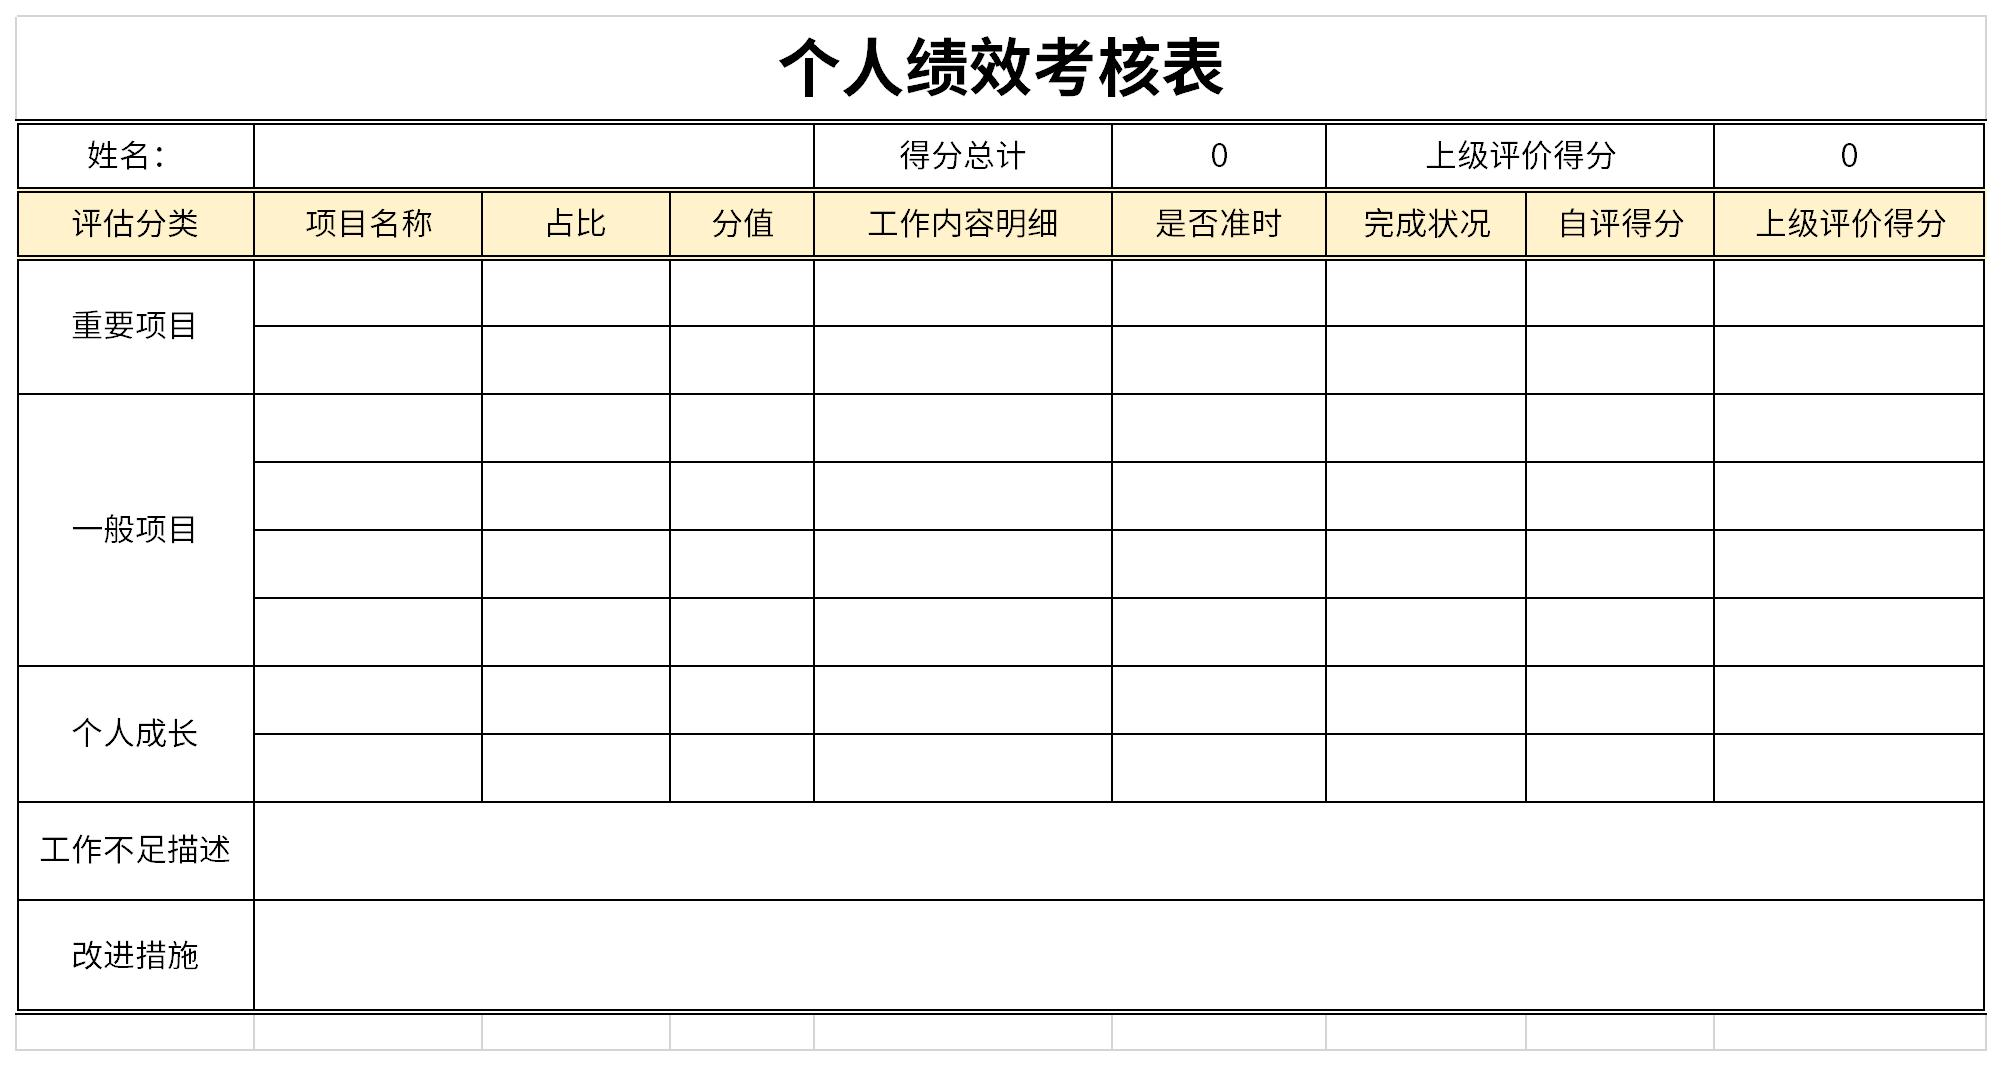 个人绩效考核表截图